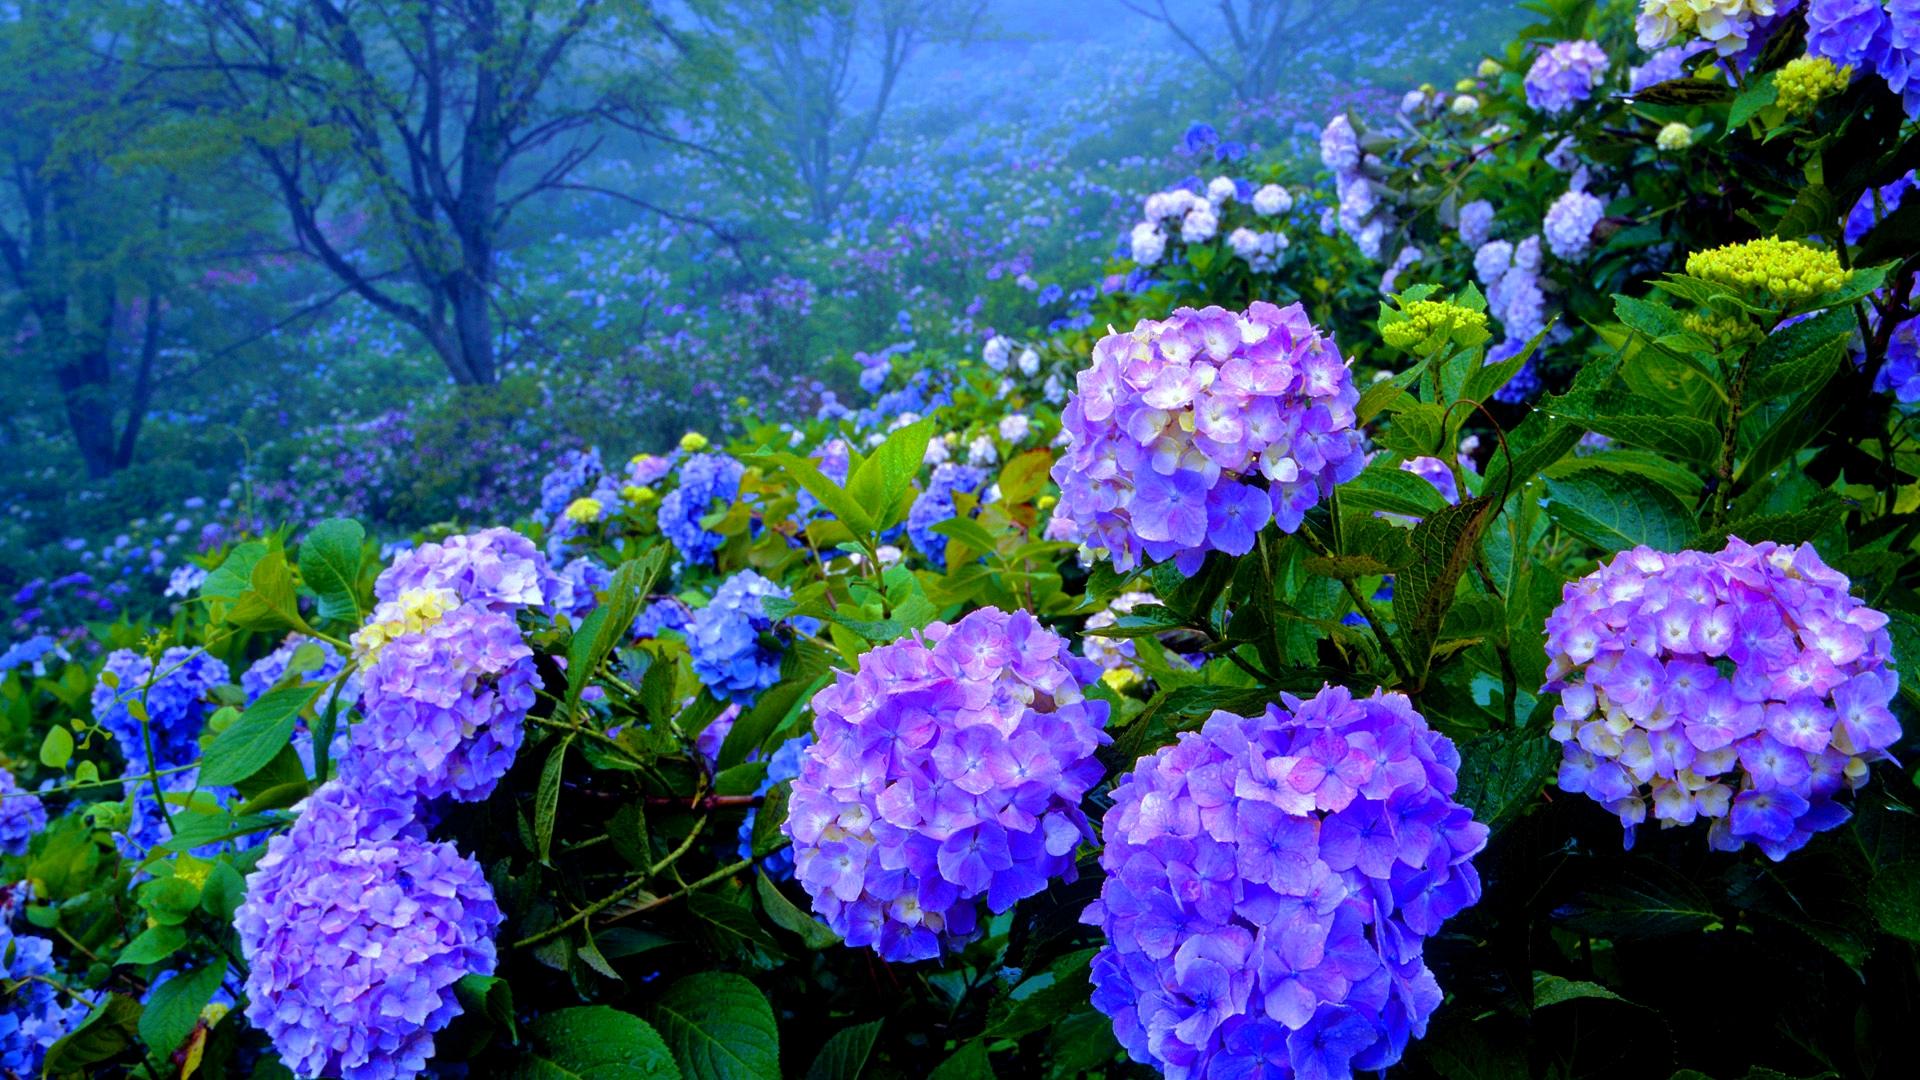 A legpompásabb árnyéktűrő növény, a hortenzia